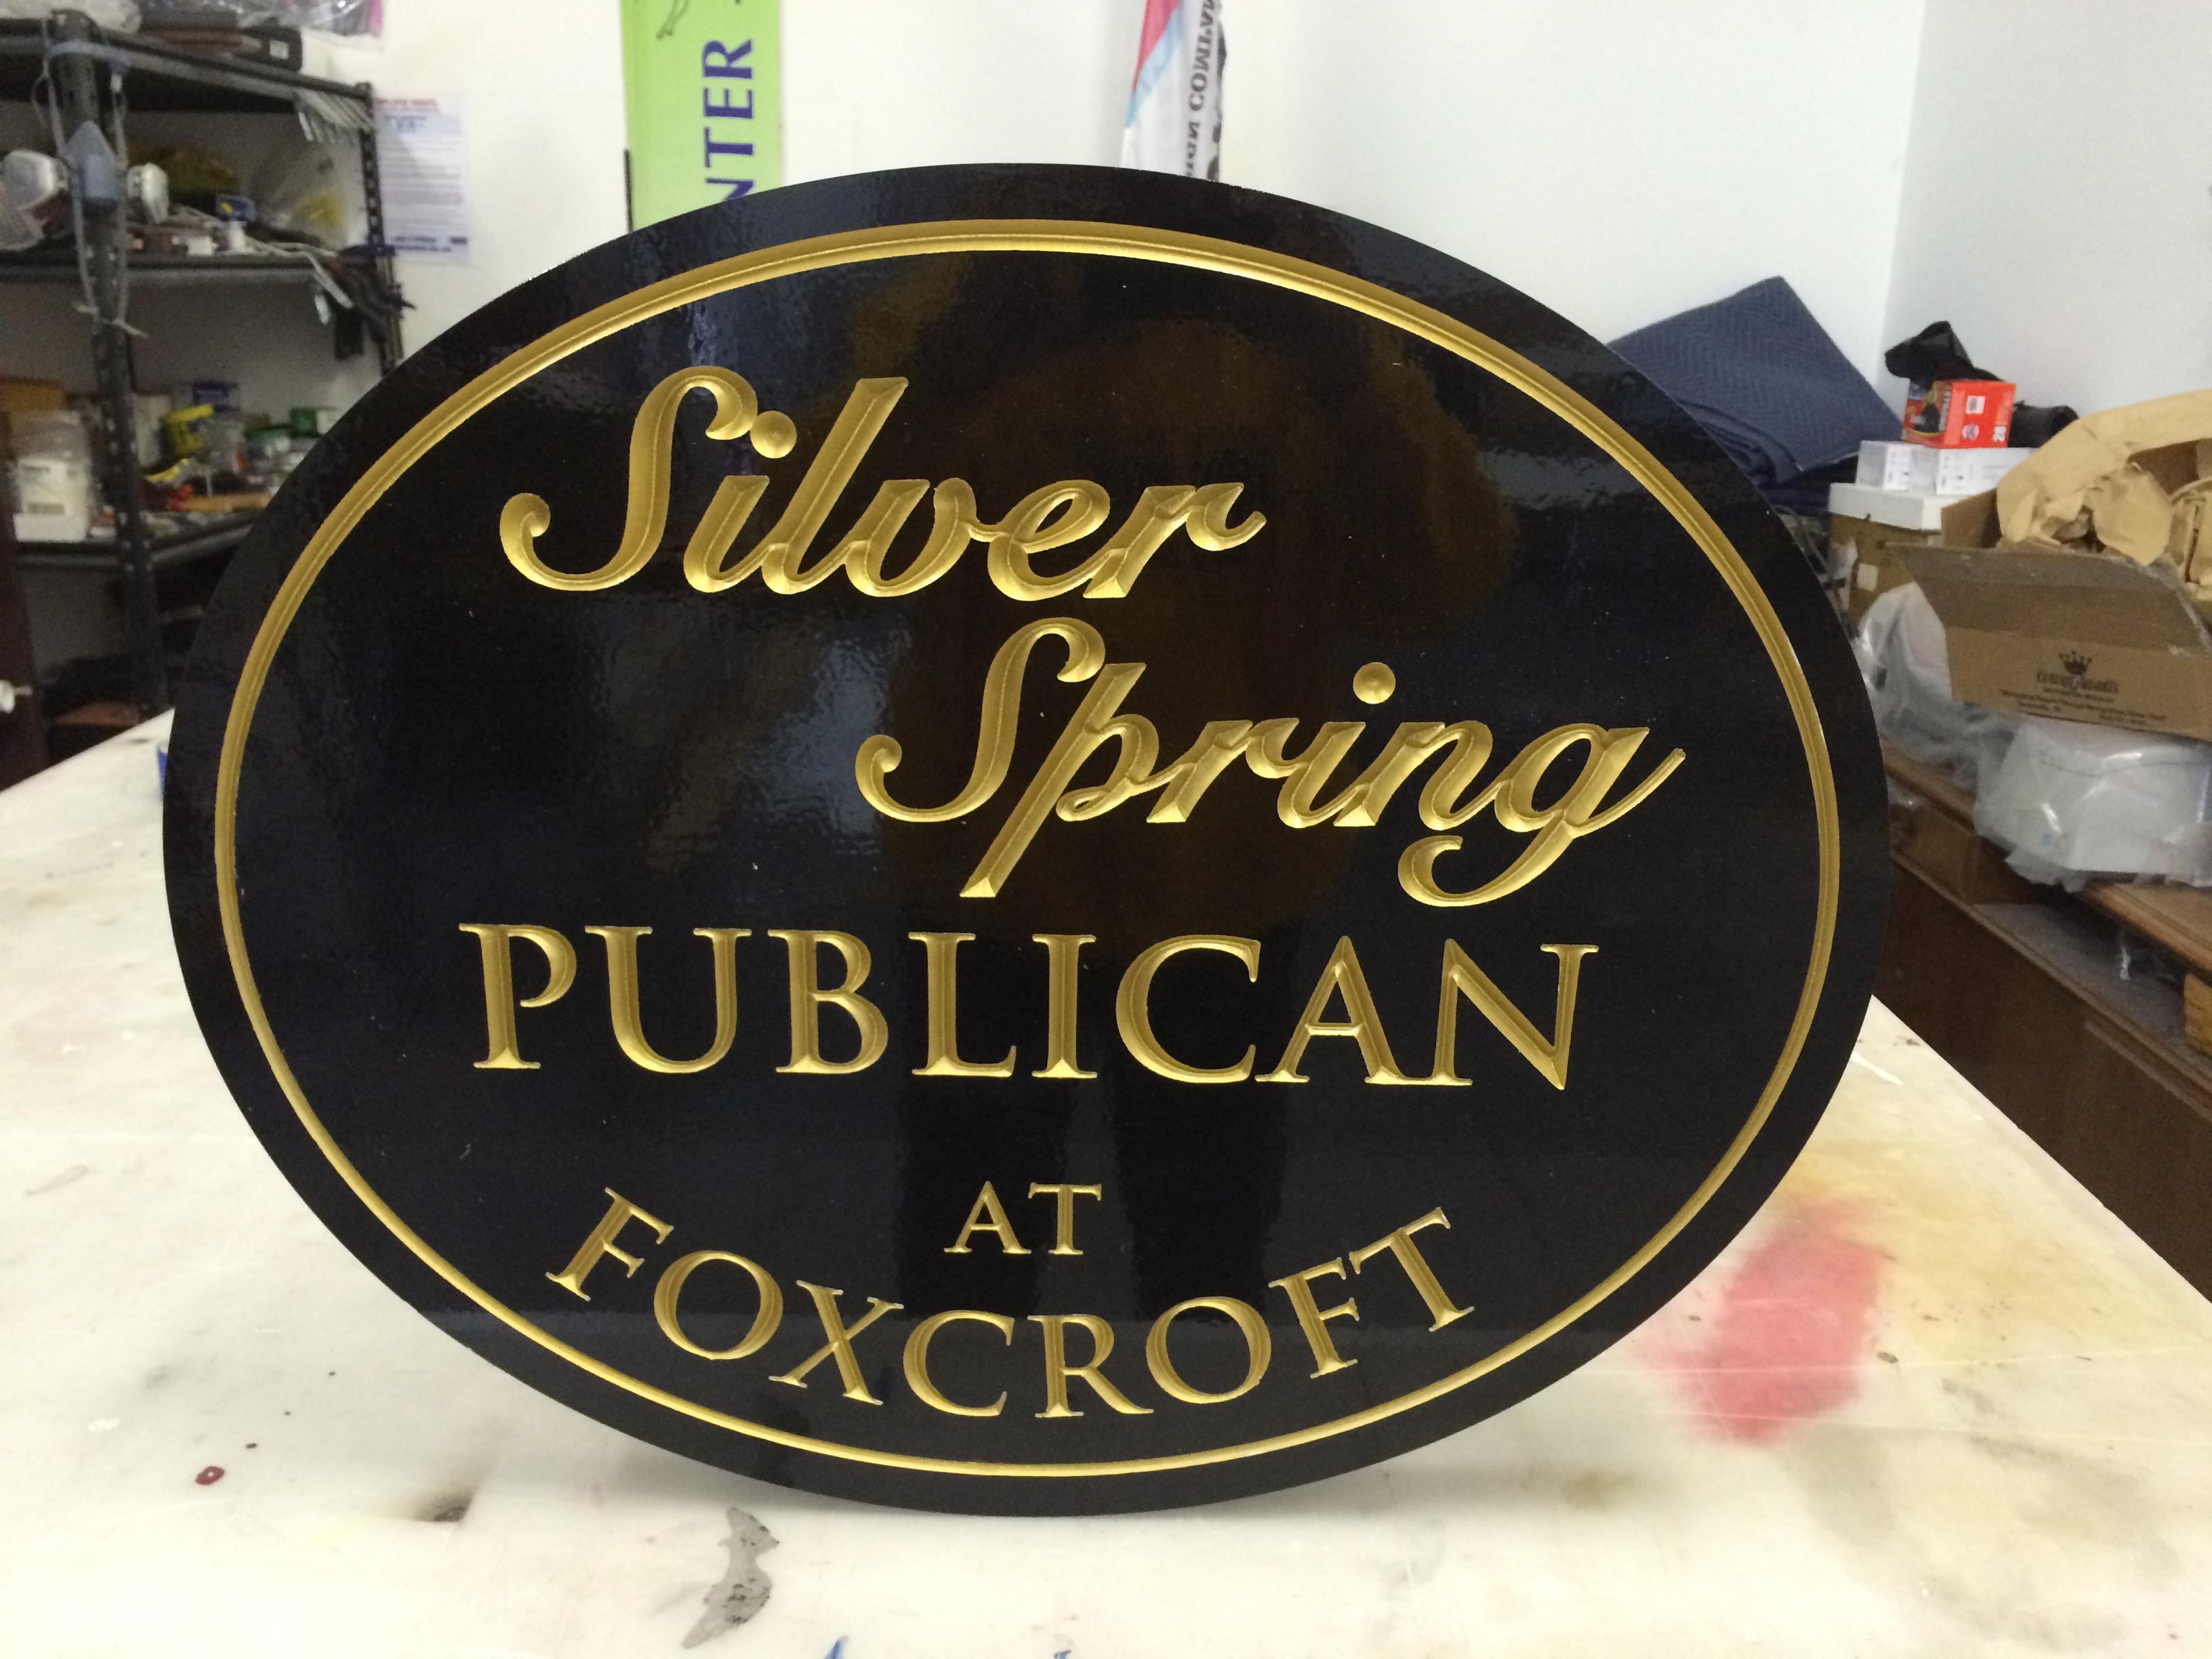 Silver Spring Publican